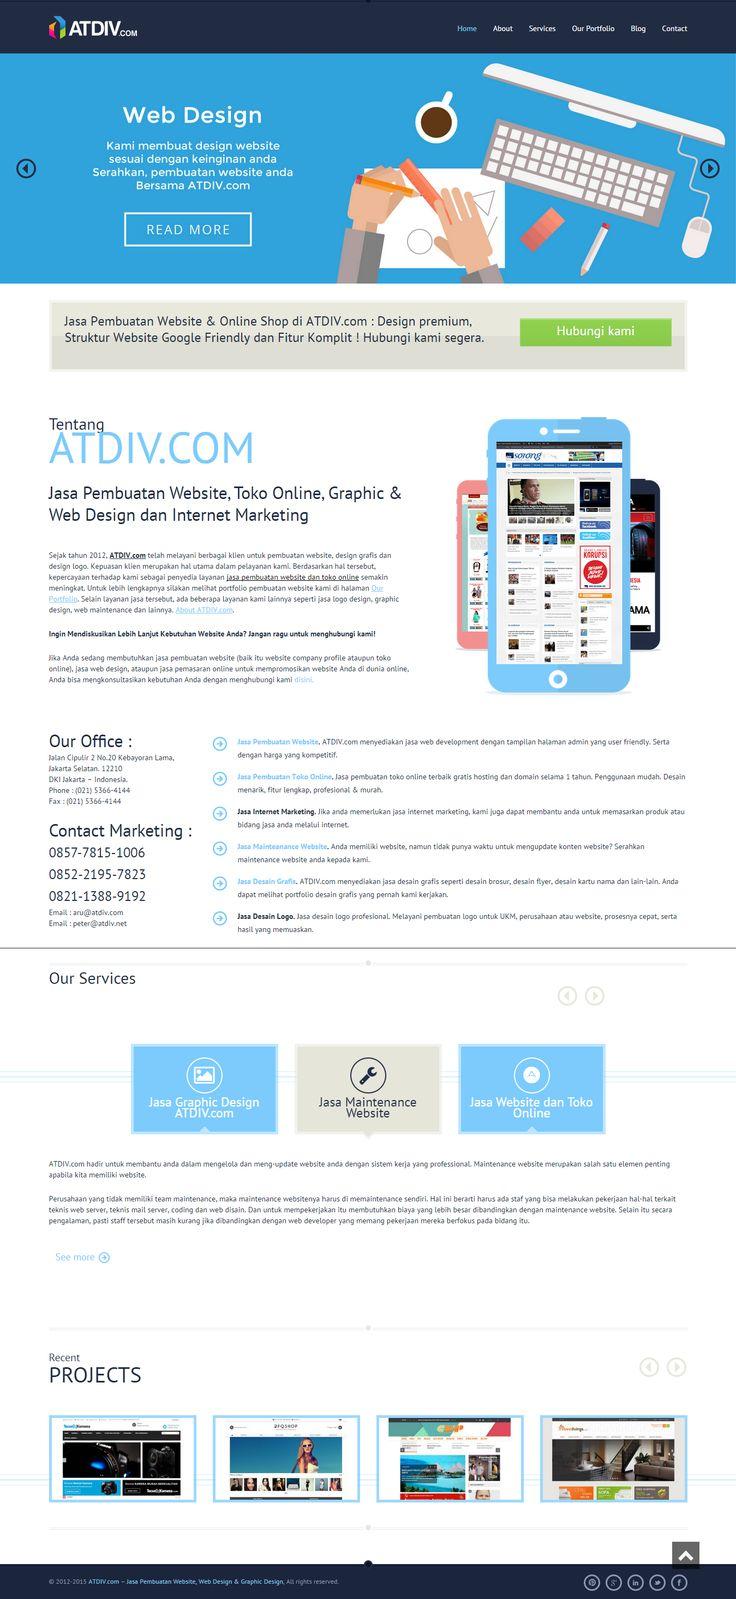 Homepage ATDIV.com, Jasa Pembuatan Website Jakarta. ATDIV.com menyediakan jasa web development dengan tampilan halaman admin yang user friendly. Serta dengan harga yang kompetitif.